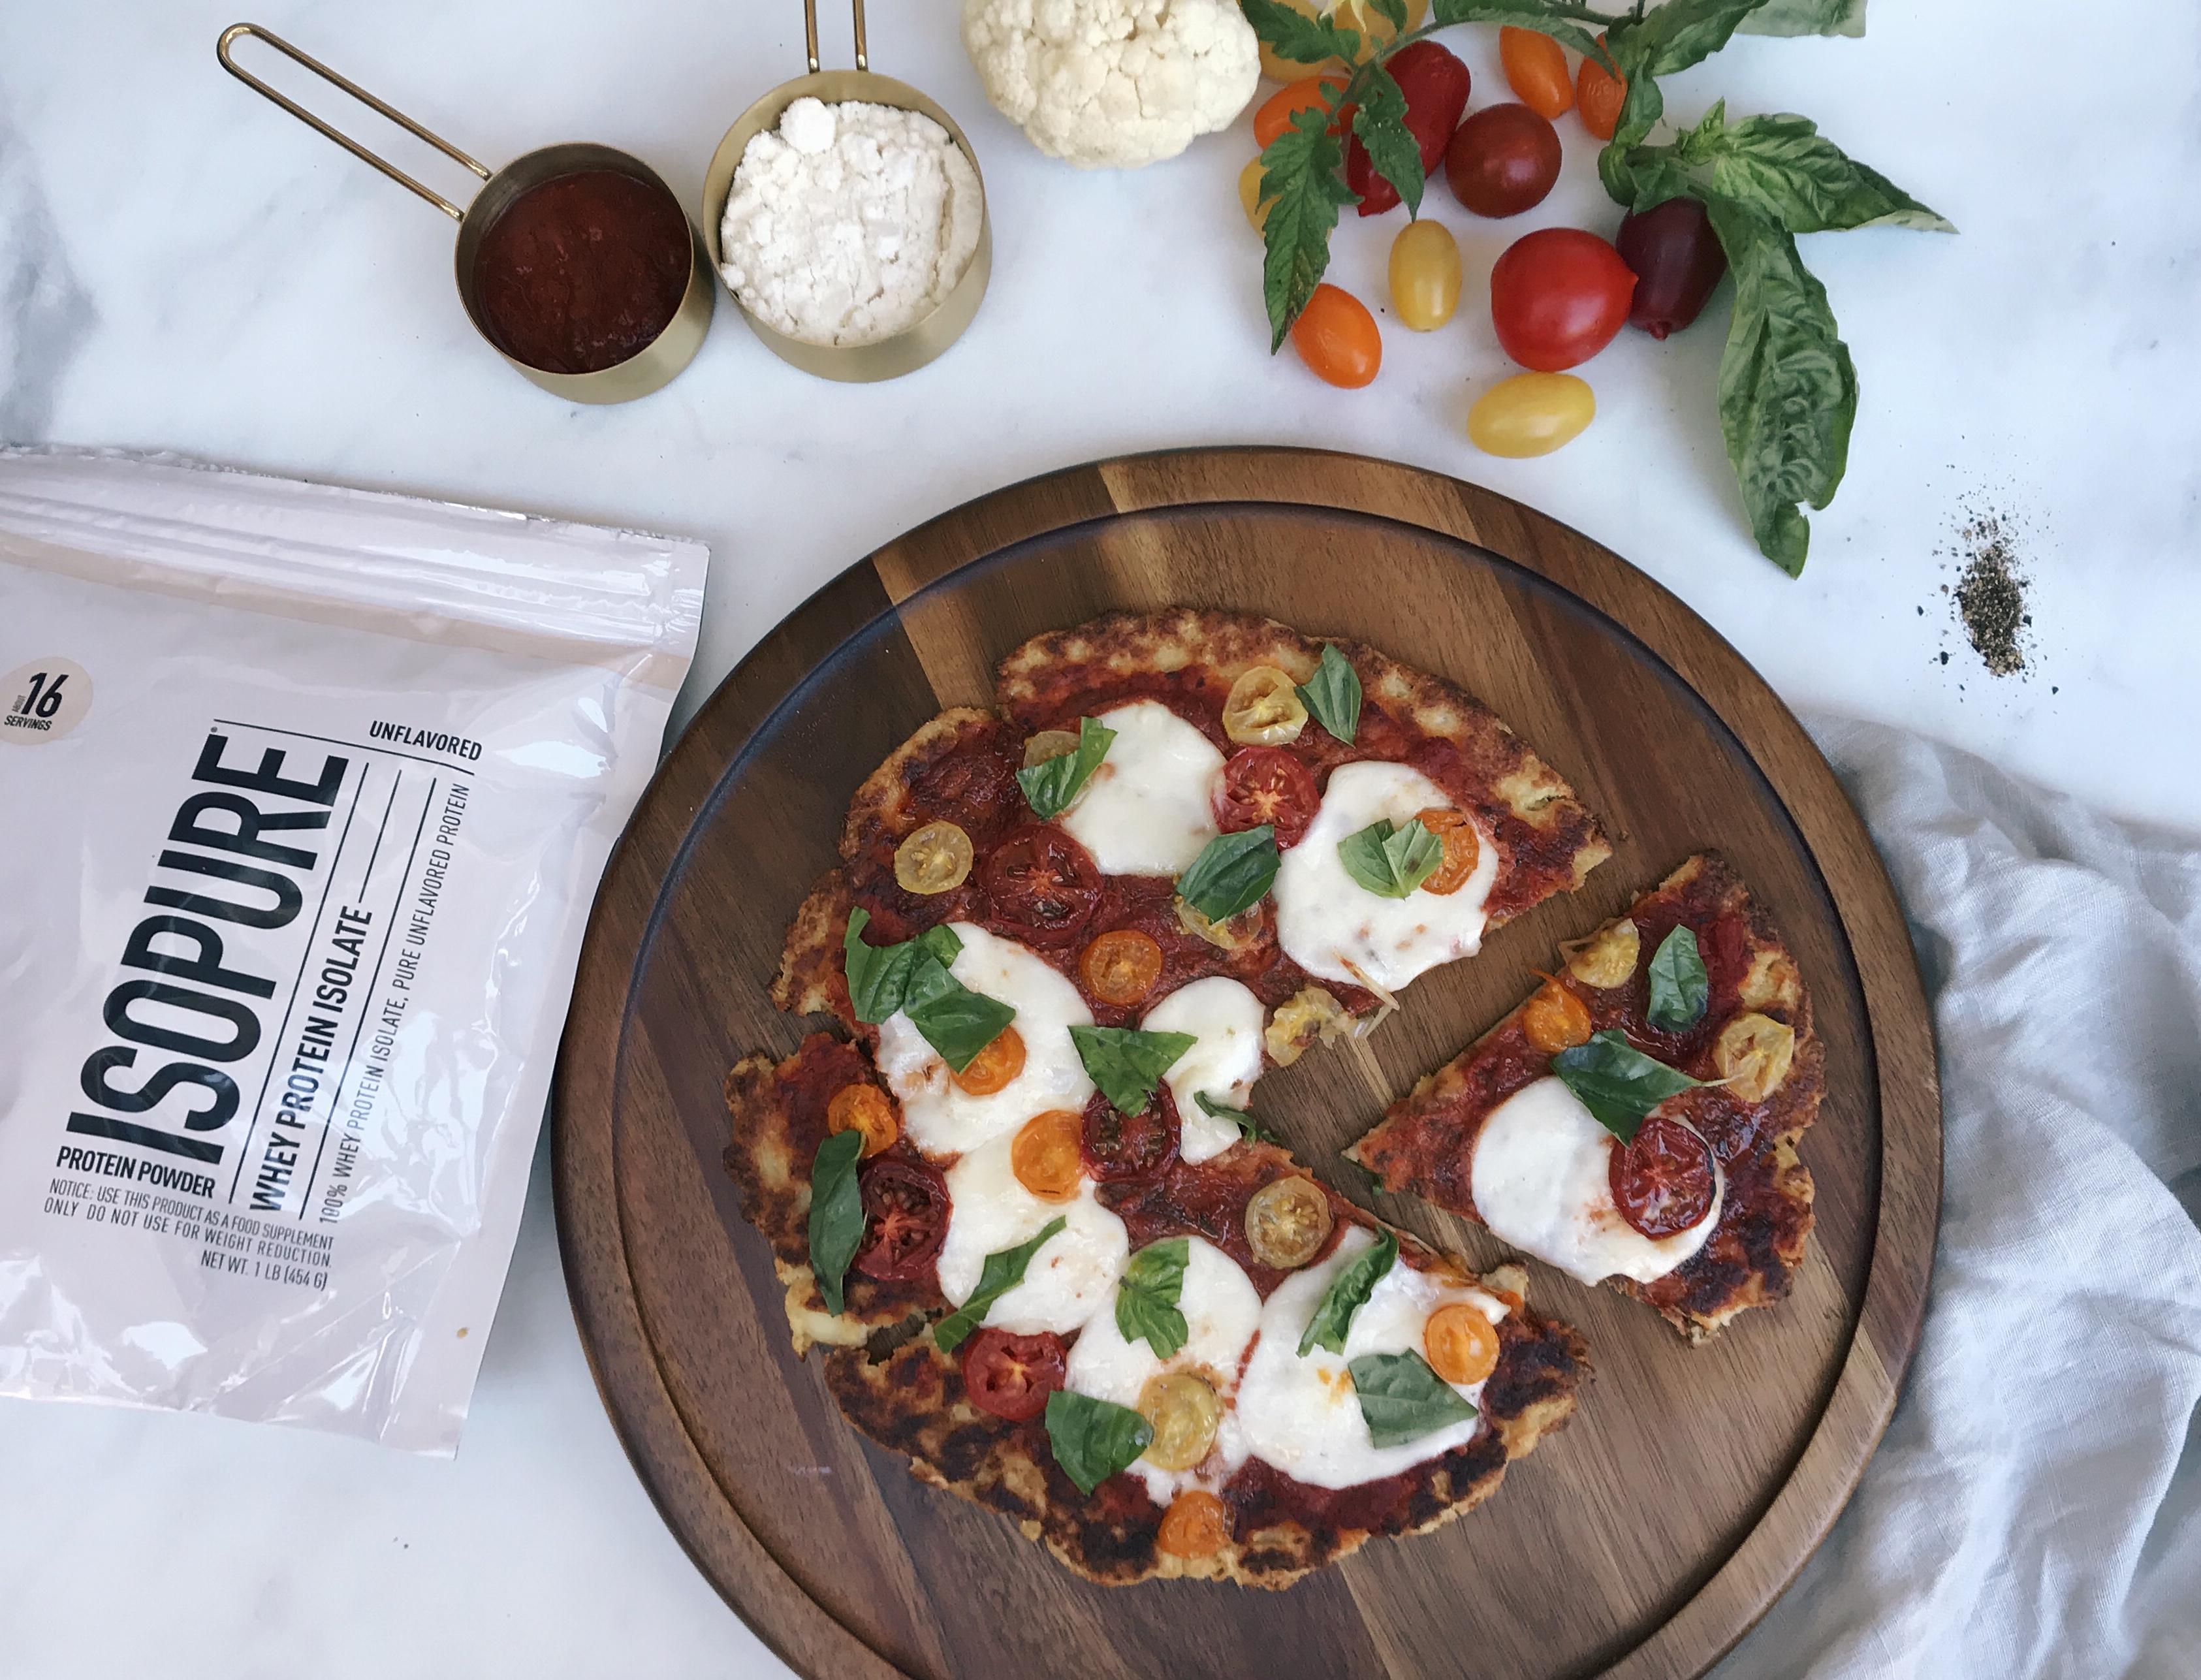 High Protein Cauliflower Pizza Travel Trend